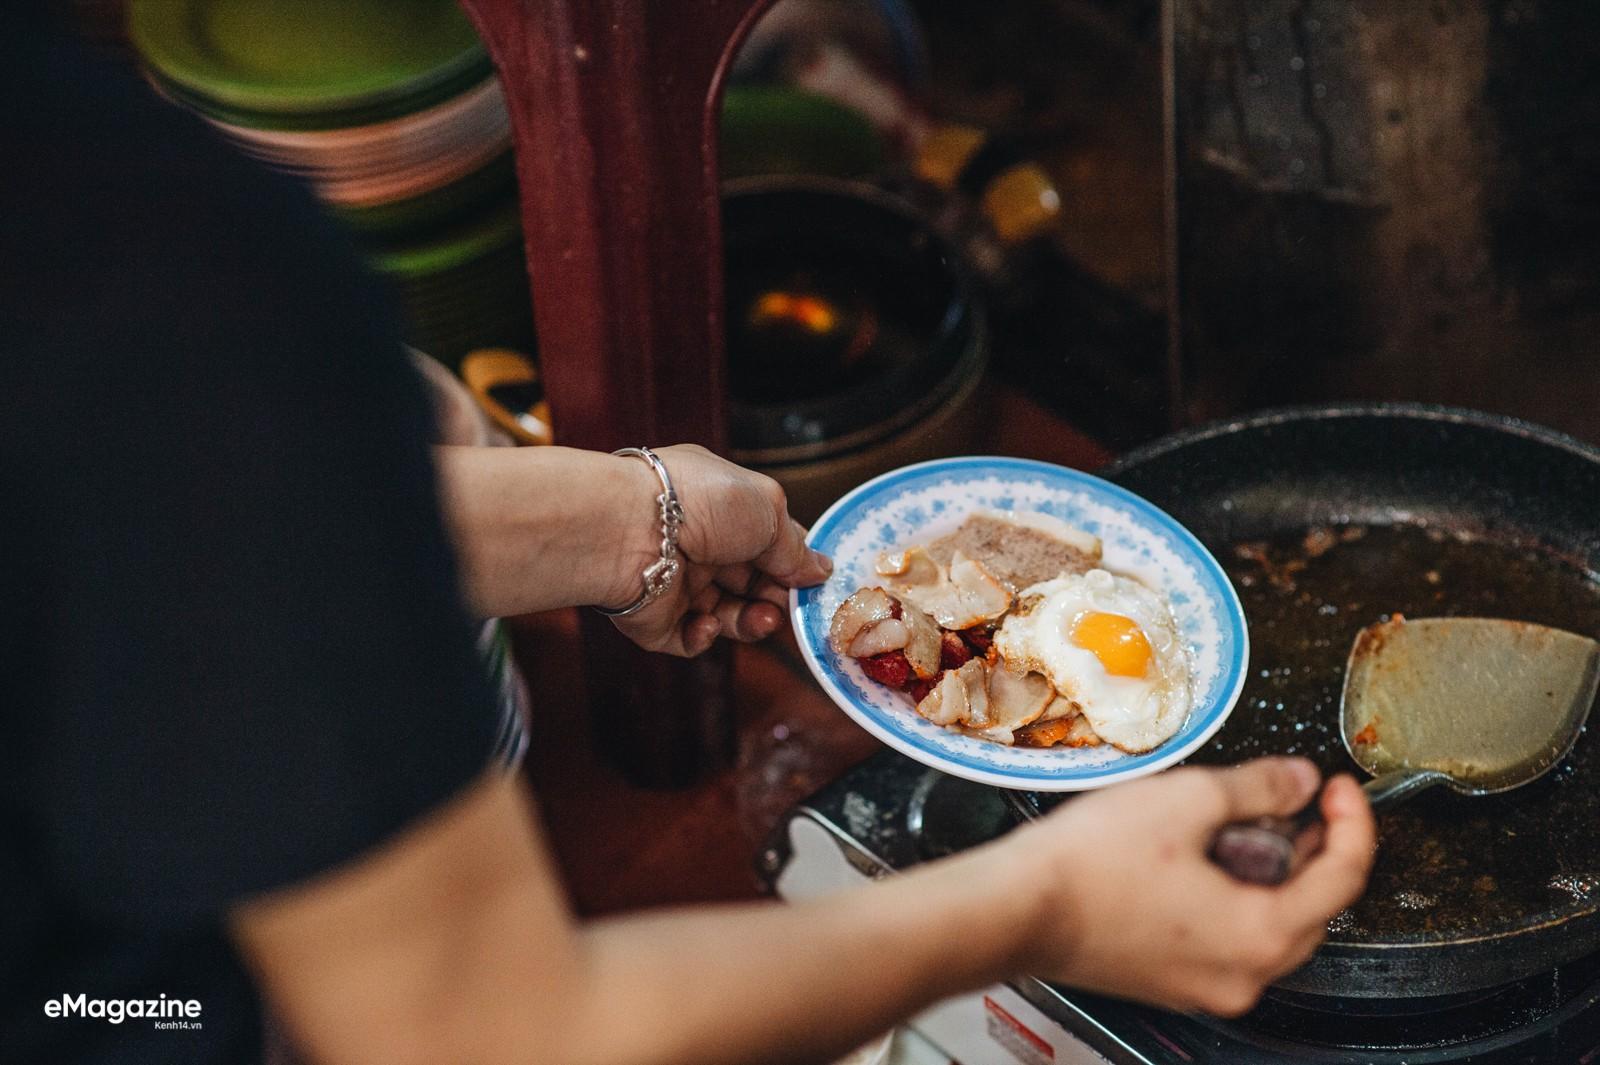 Bánh mì phố cổ Hà Nội: Ngon lành, giòn rụm những ổ bánh đã trở thành một phần văn hoá ẩm thực - Ảnh 5.